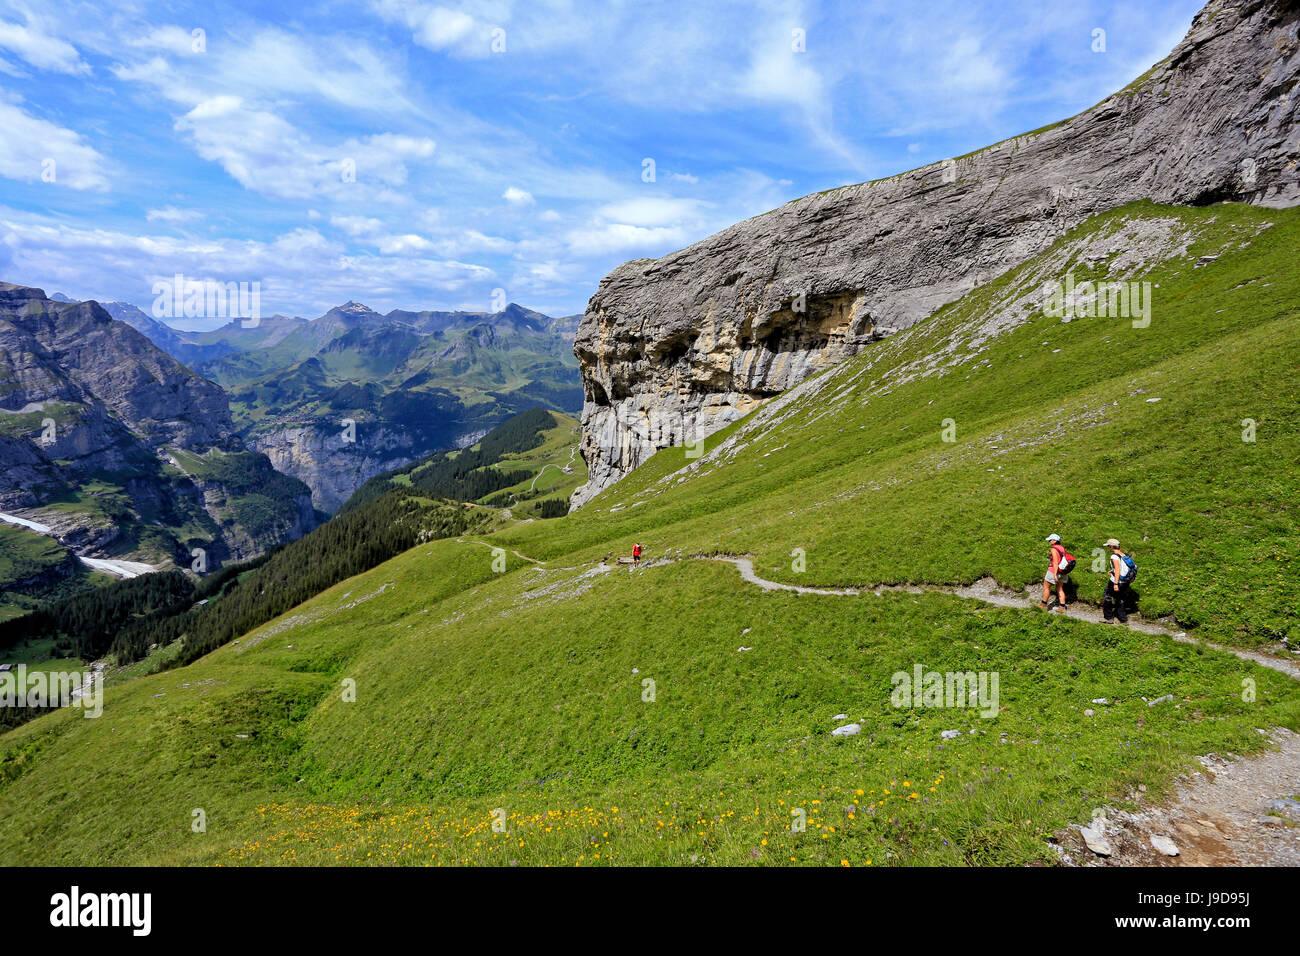 Wanderer auf der kleinen Scheidegg, Grindelwald, Berner Oberland, Schweiz, Europa Stockbild